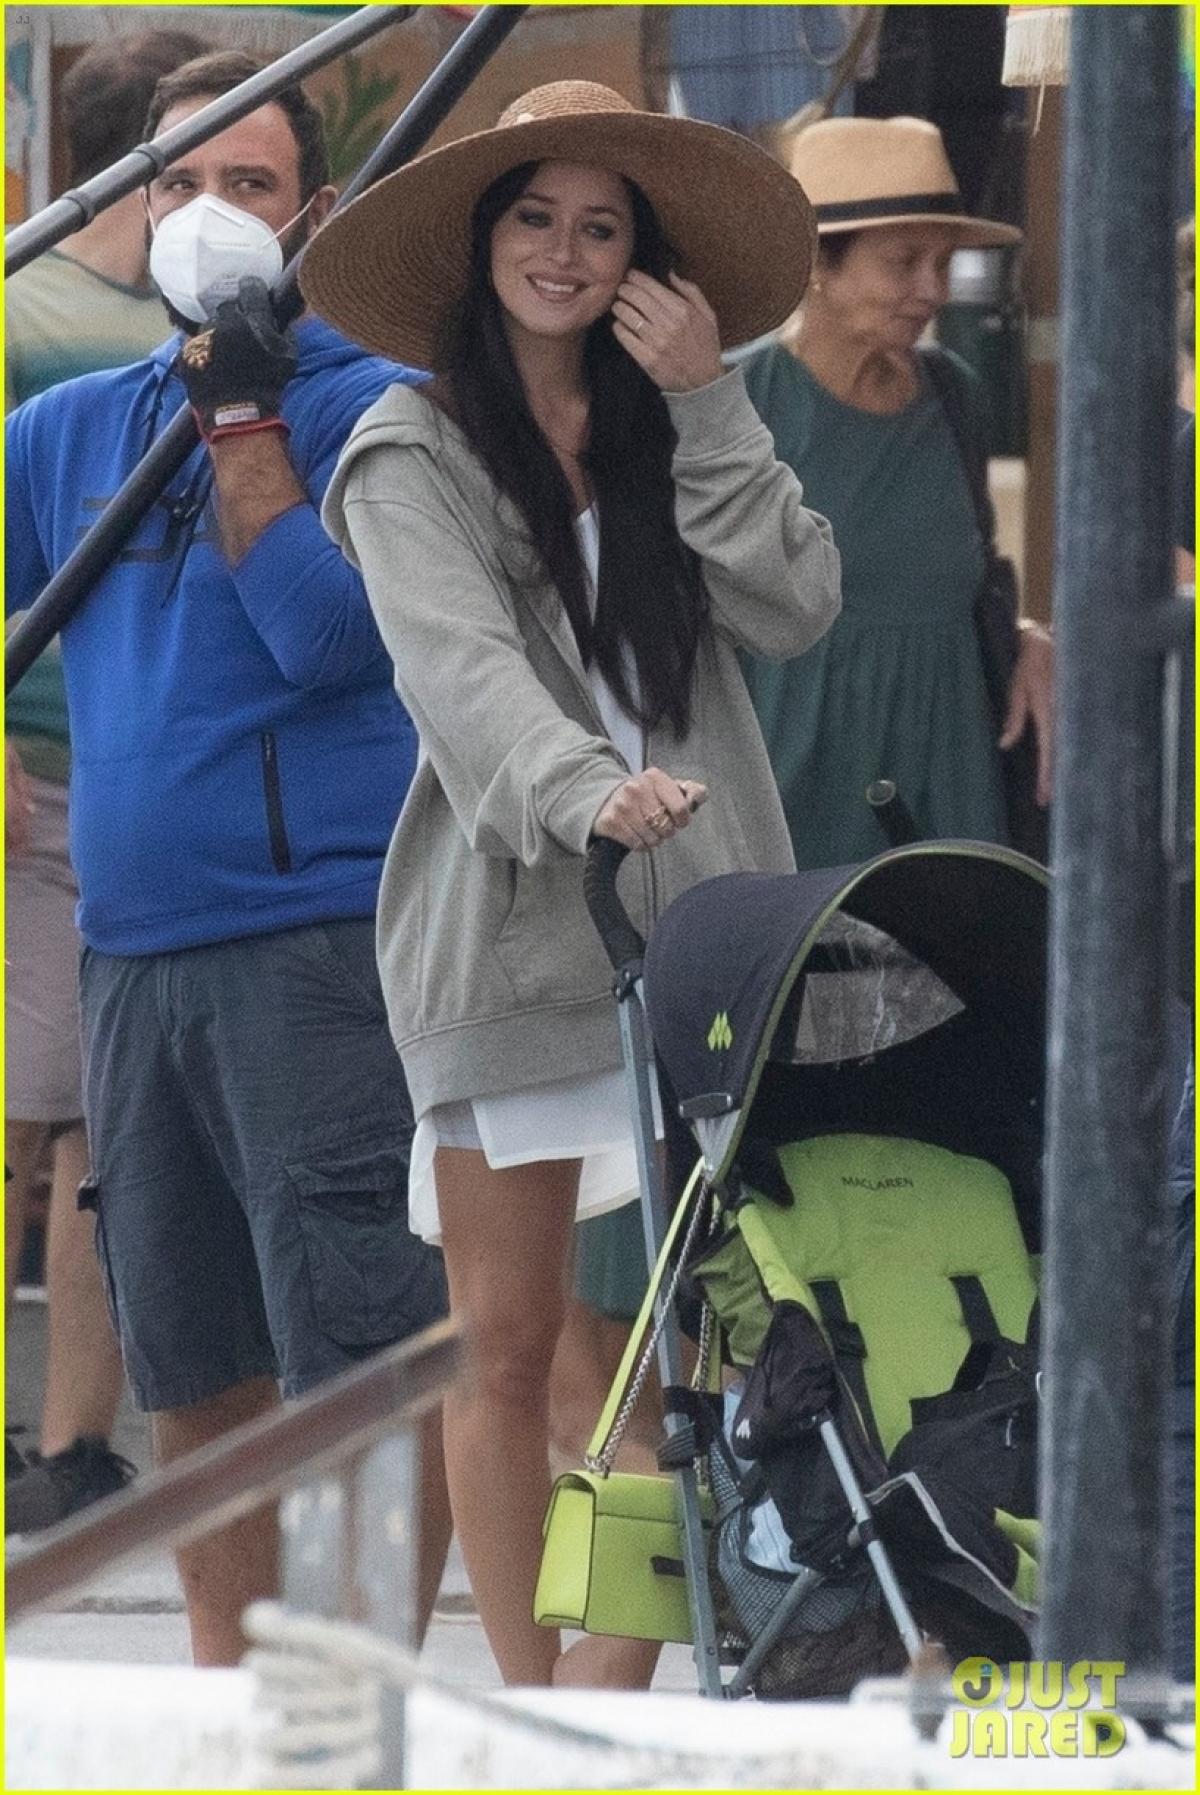 """Dakota Johnson cùng đoàn làm phim đang quay bộ phim mới """"The Lost Daughter"""" ở Đảo Speteses, Hy Lạp."""